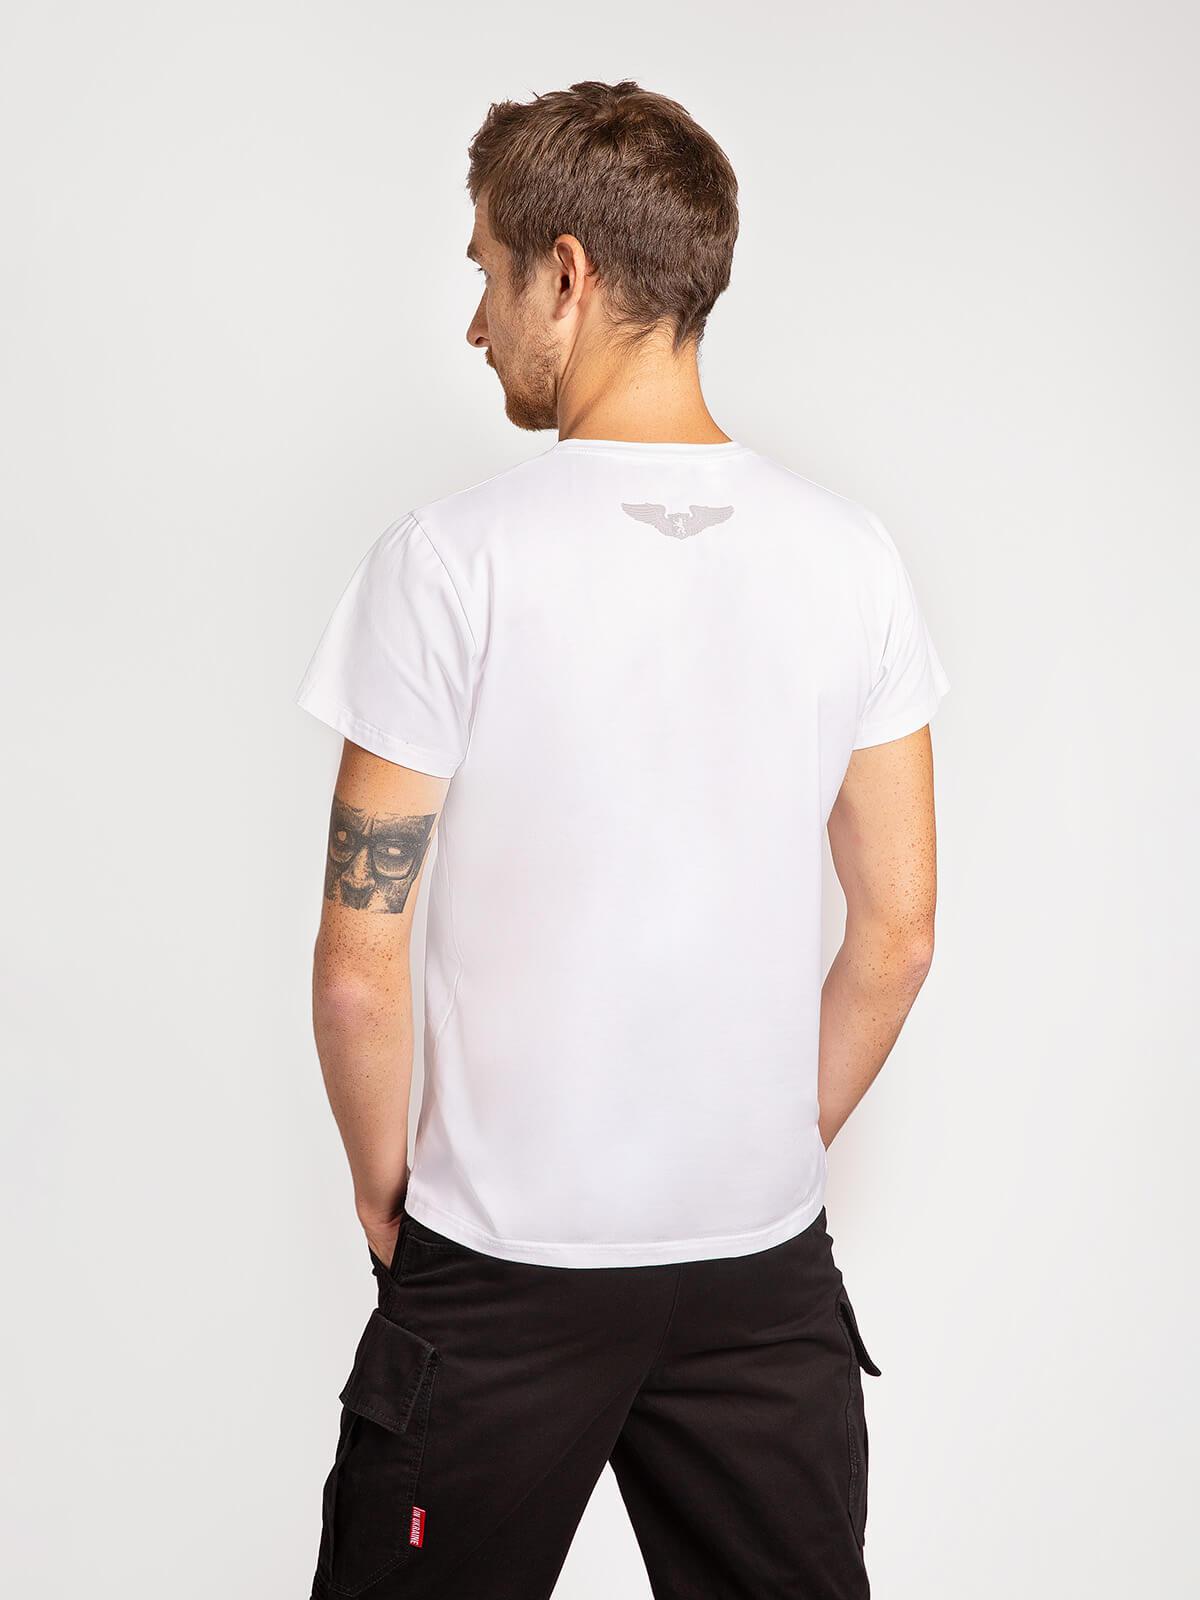 Чоловіча Футболка Лев (Рондель). Колір білий.  Матеріал: 95% бавовна, 5% спандекс.